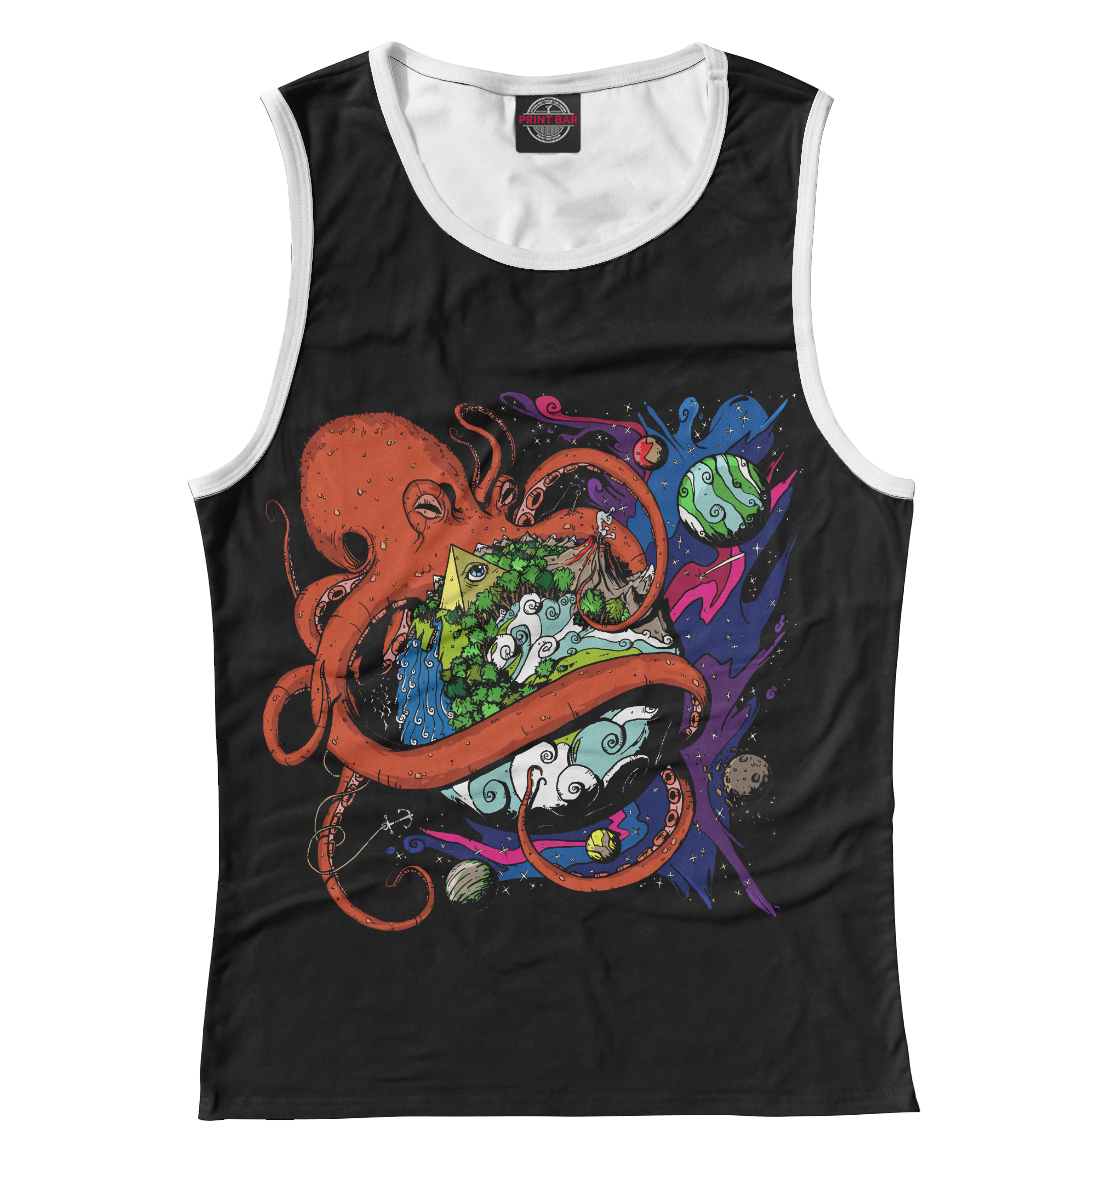 Купить Octopus World, Printbar, Майки, SUR-352778-may-1